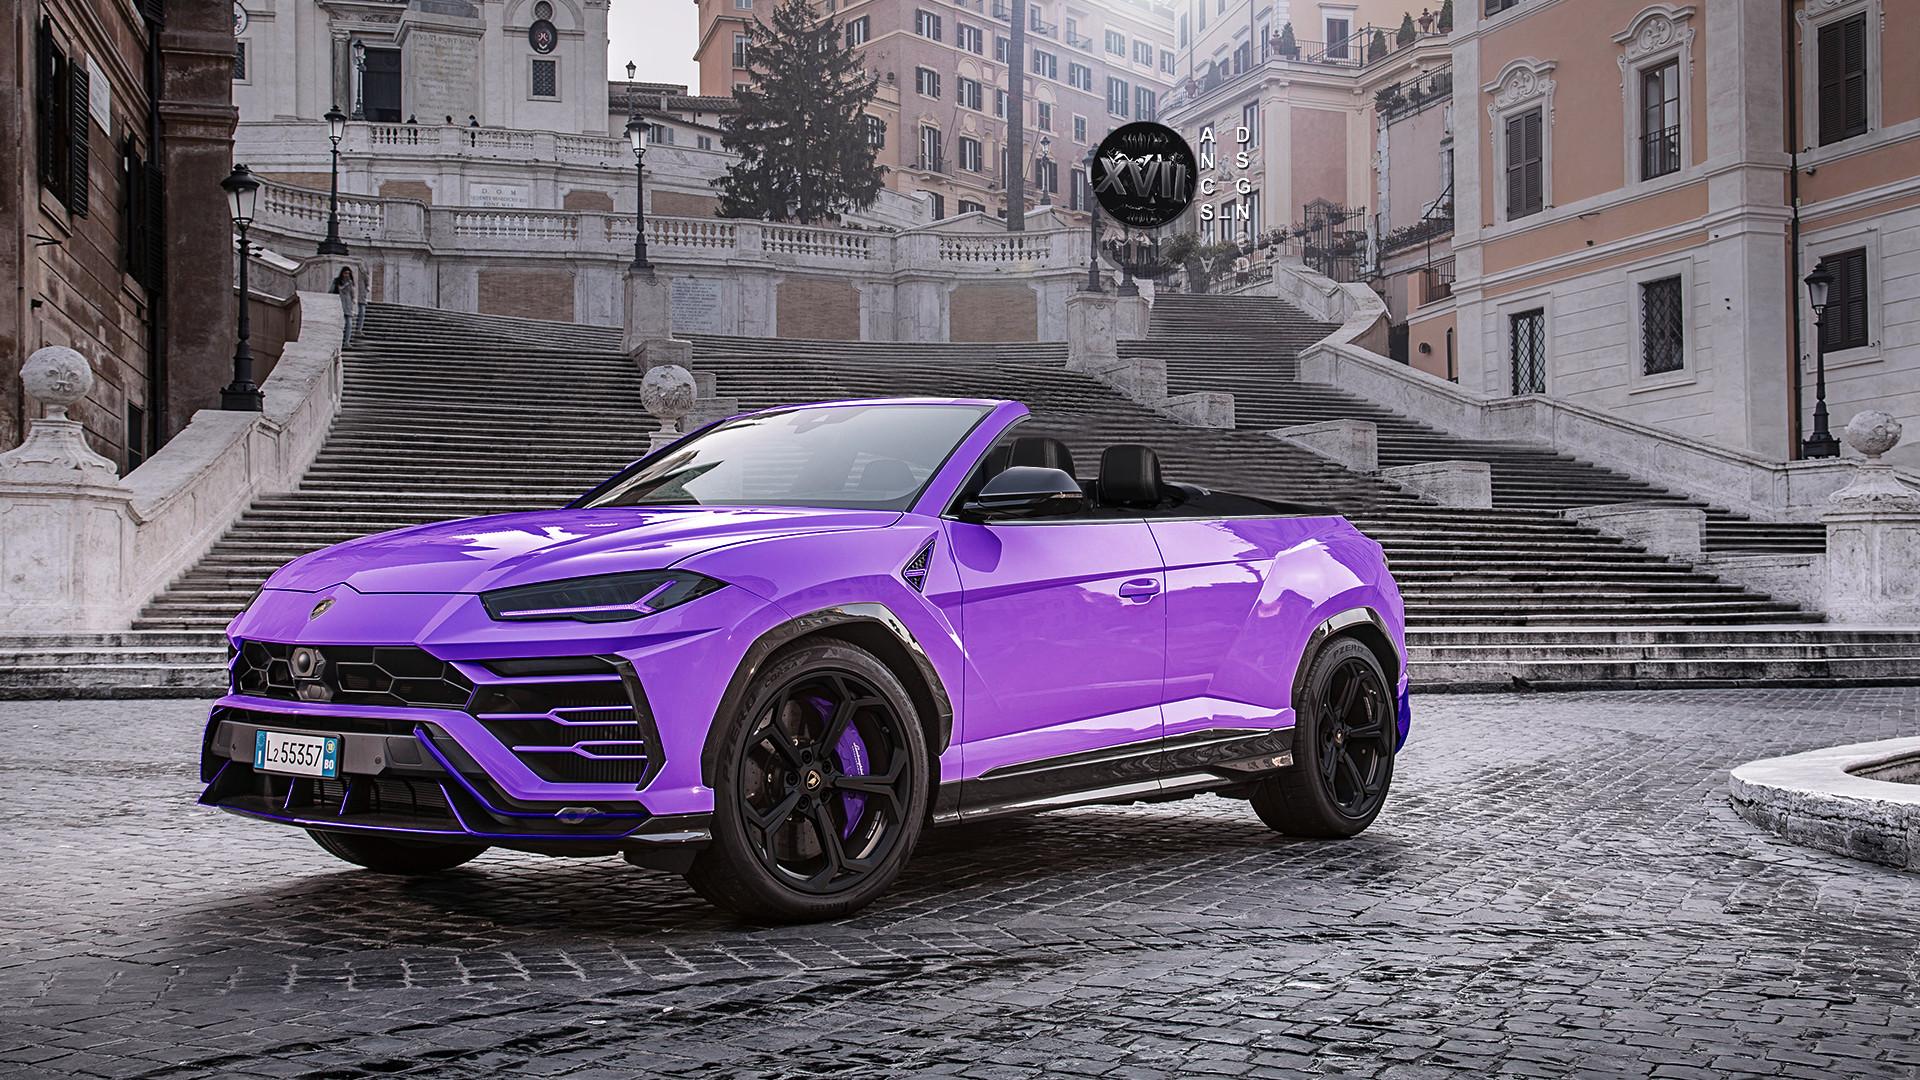 Ancs Dsgn Lamborghini Urus Cab